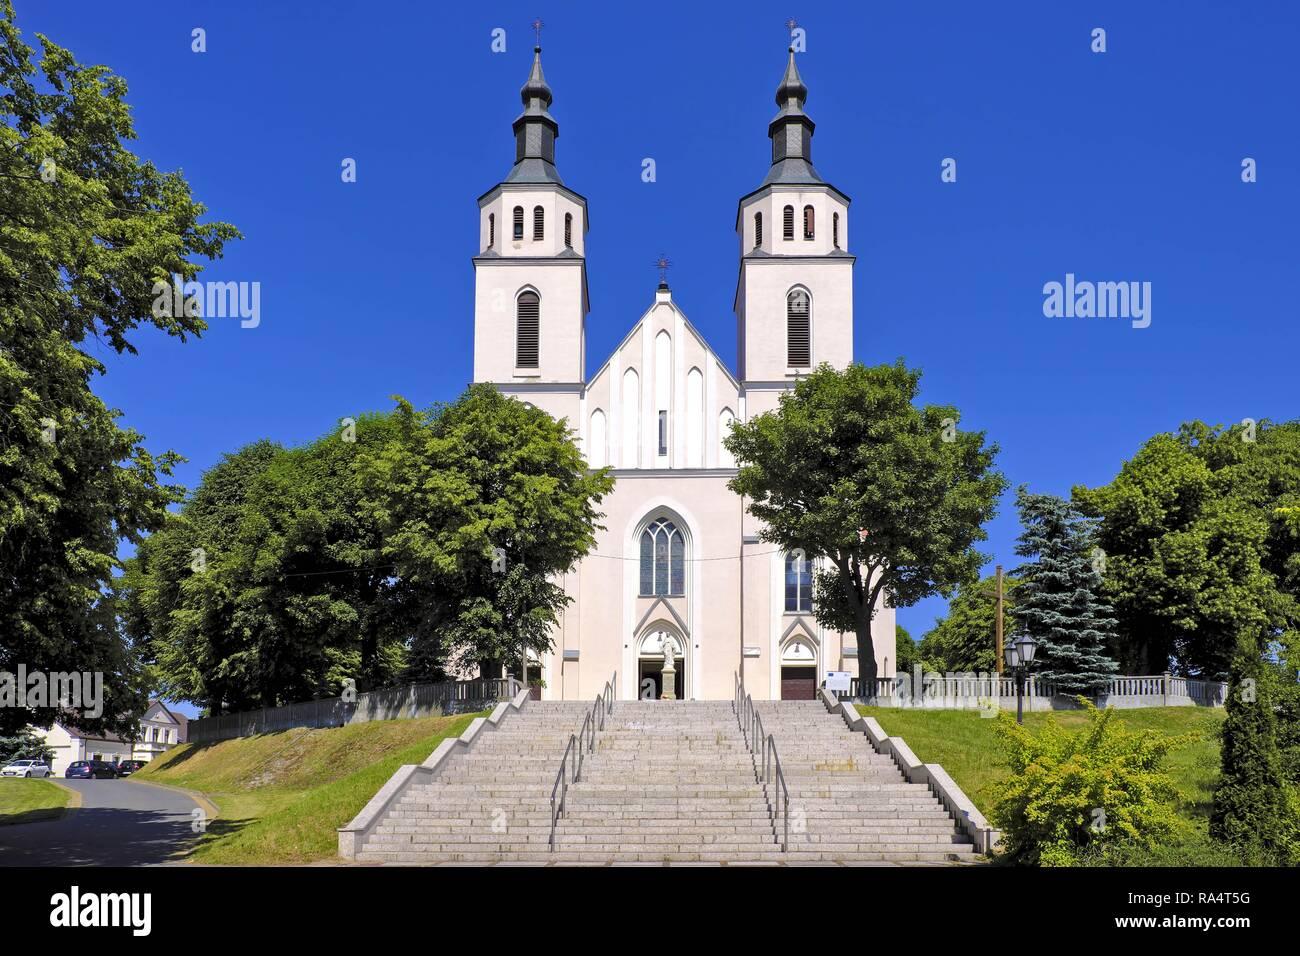 Piatnica, Podlaskie - Kosciol Parafialny pw. Przemienienia Panskiego Piatnica, Podlaskie / Poland - The transfiguration parish church in the town center of Piatnica, Lomza region, in north-eastern Pol - Stock Image